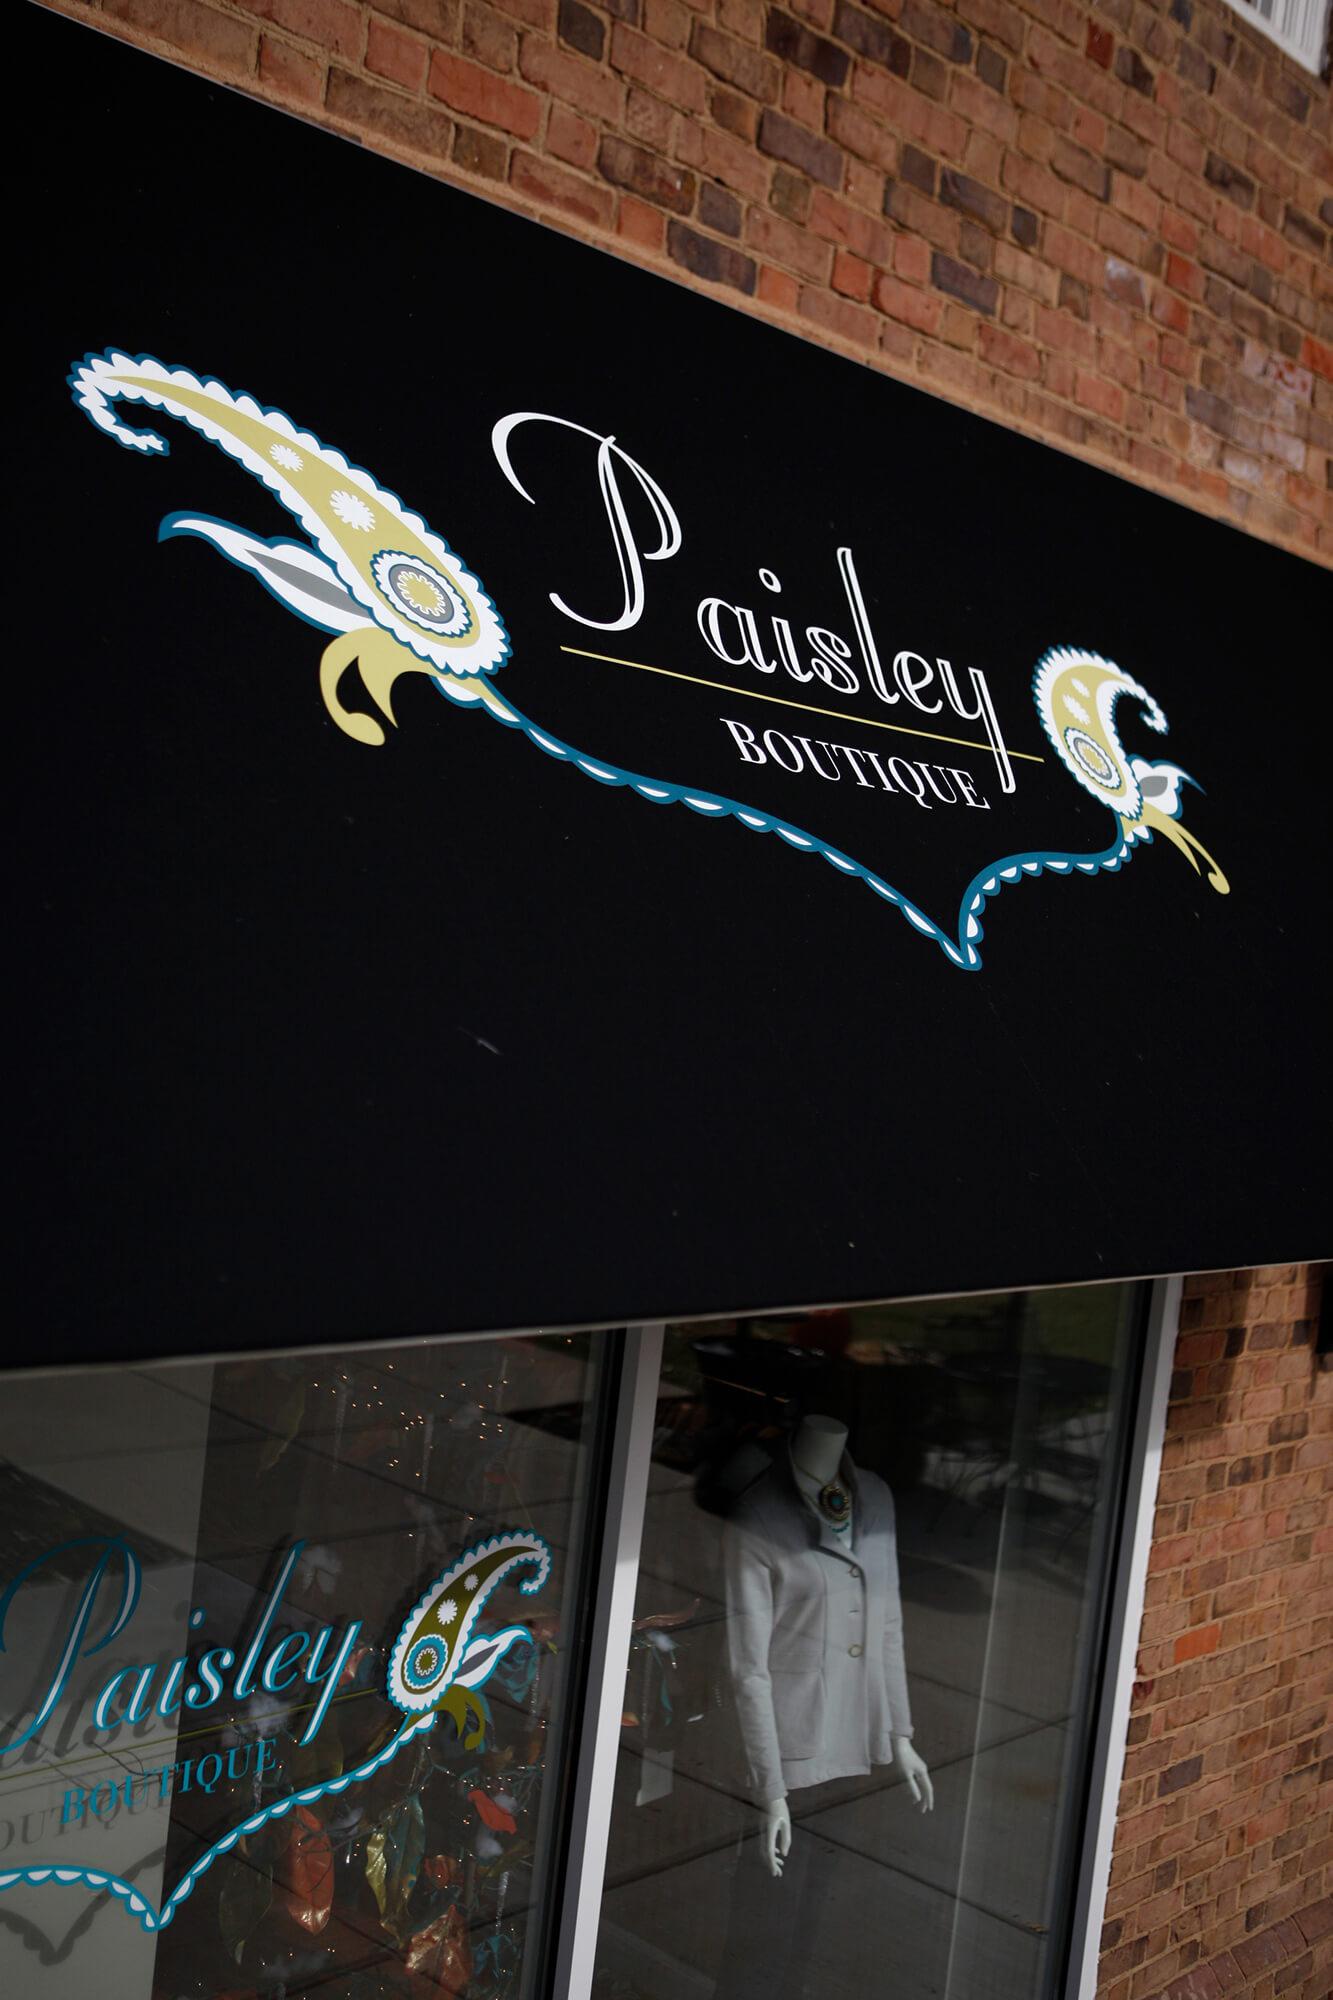 Cửa hàng boutique quảng cáo bằng mái che màu đen và biển hiệu ở mặt trước cửa hàng